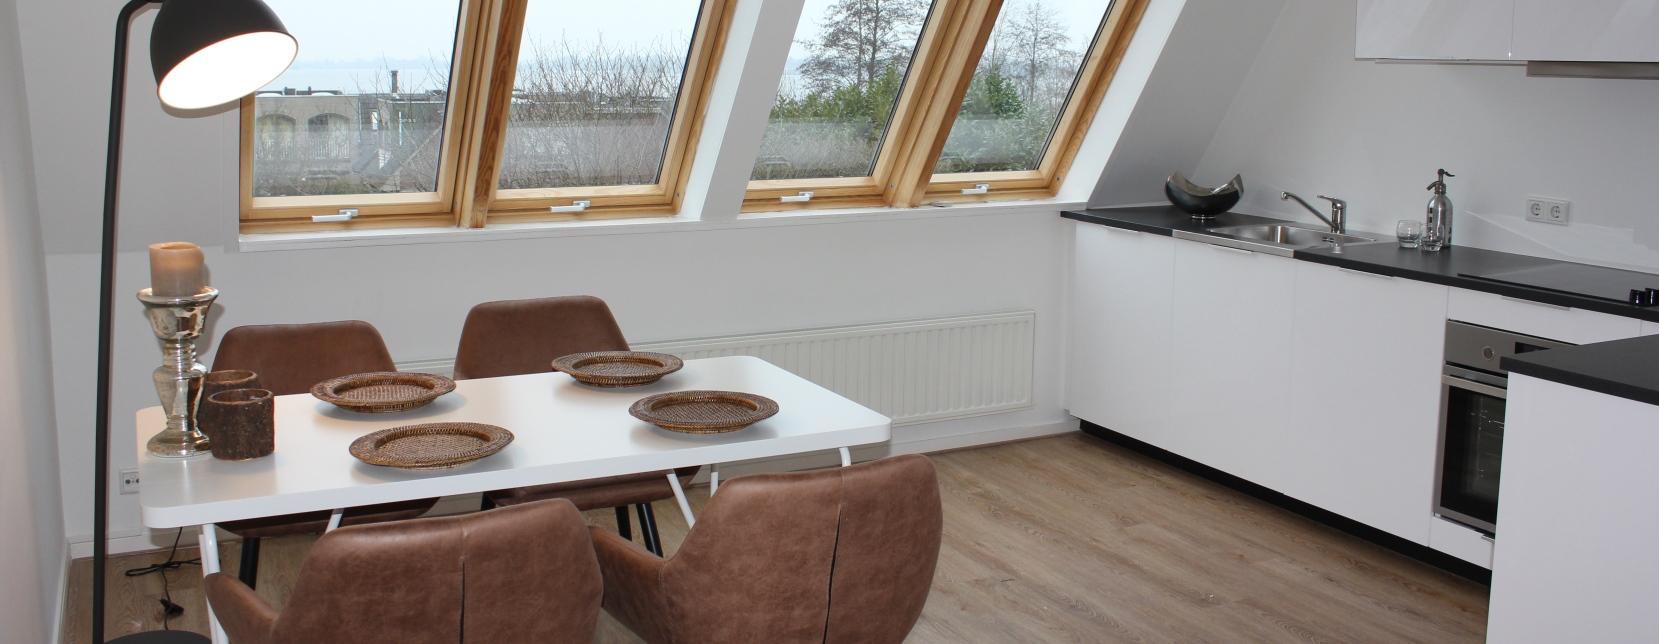 Appartement voor short-stay aan de Vinkeveense Plassen